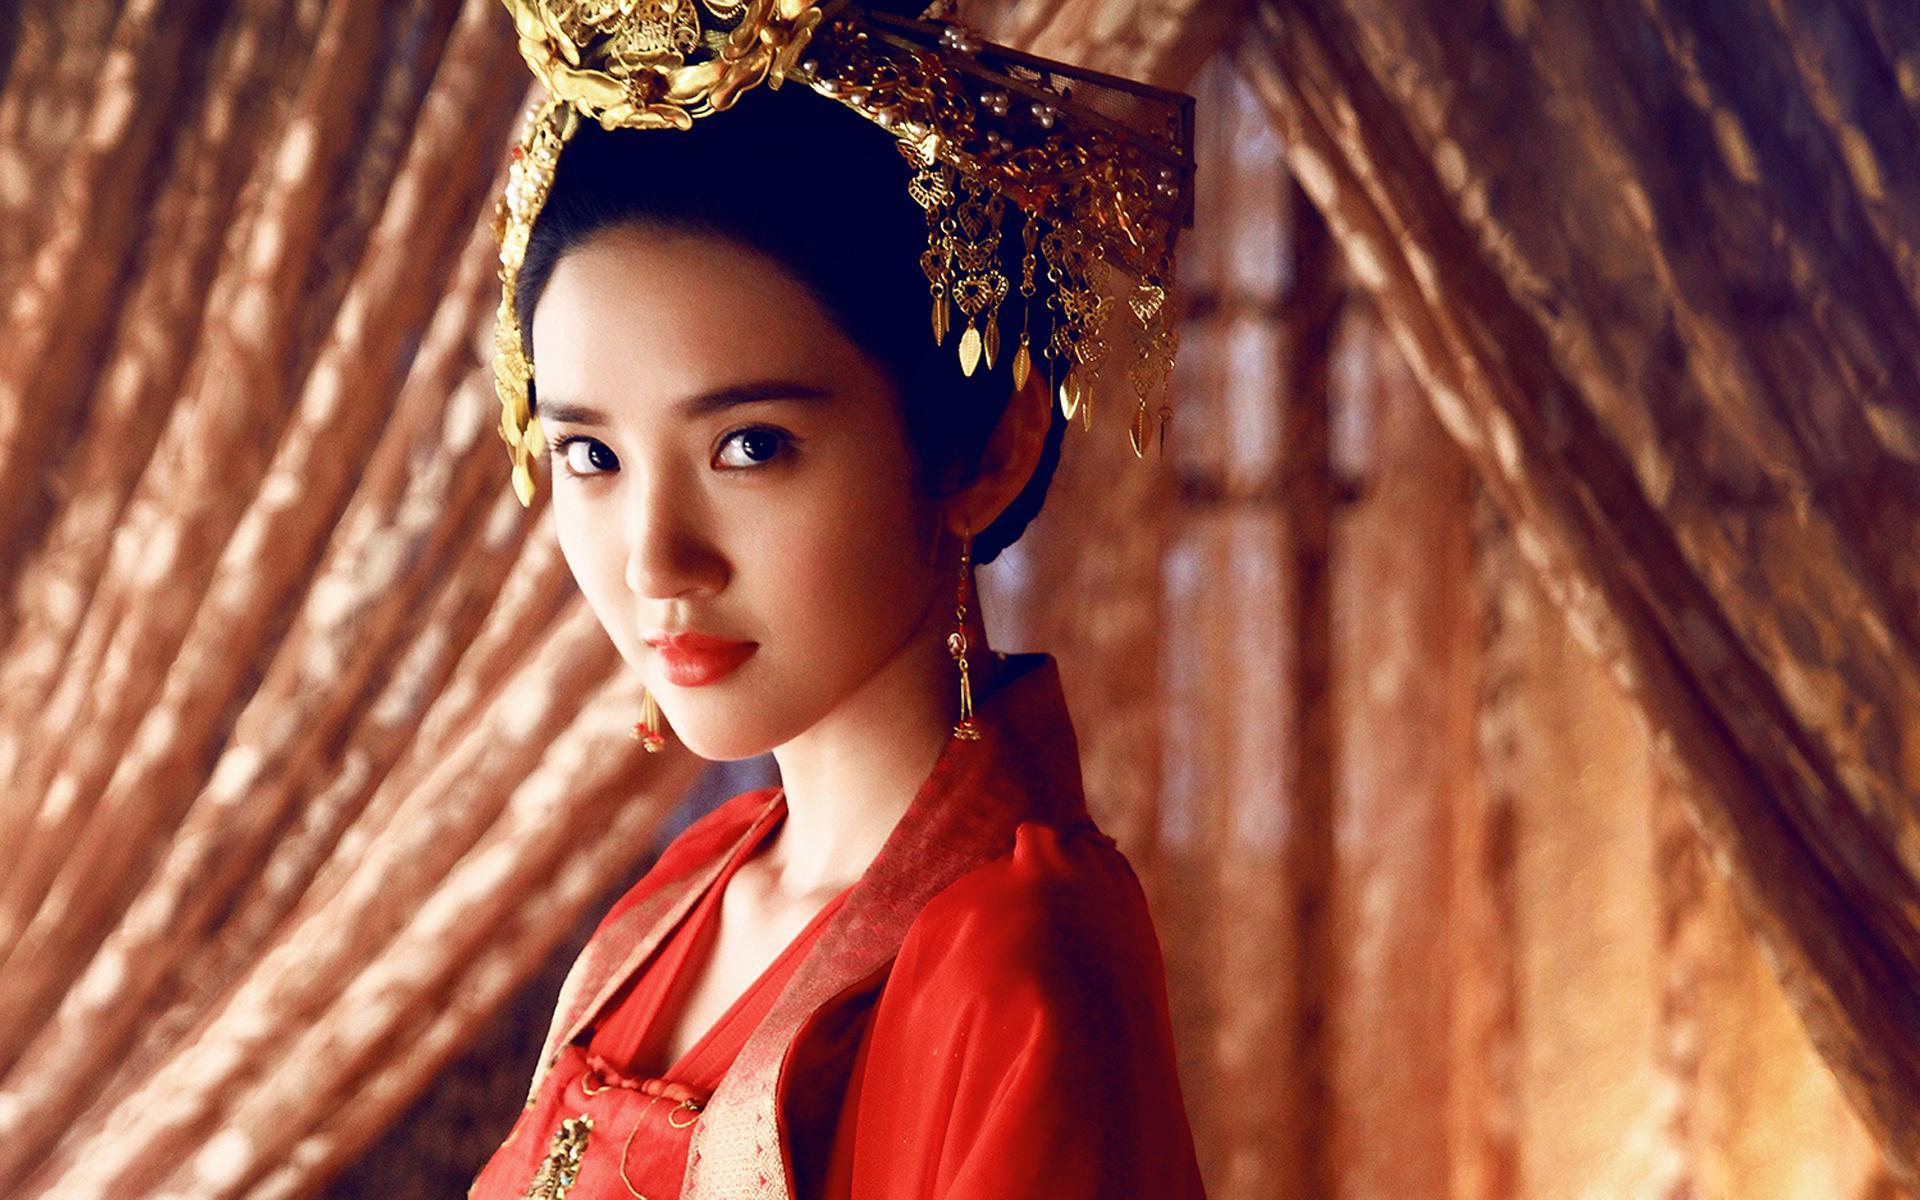 唐艺昕《青丘狐传说》唯美古装海报剧照图片